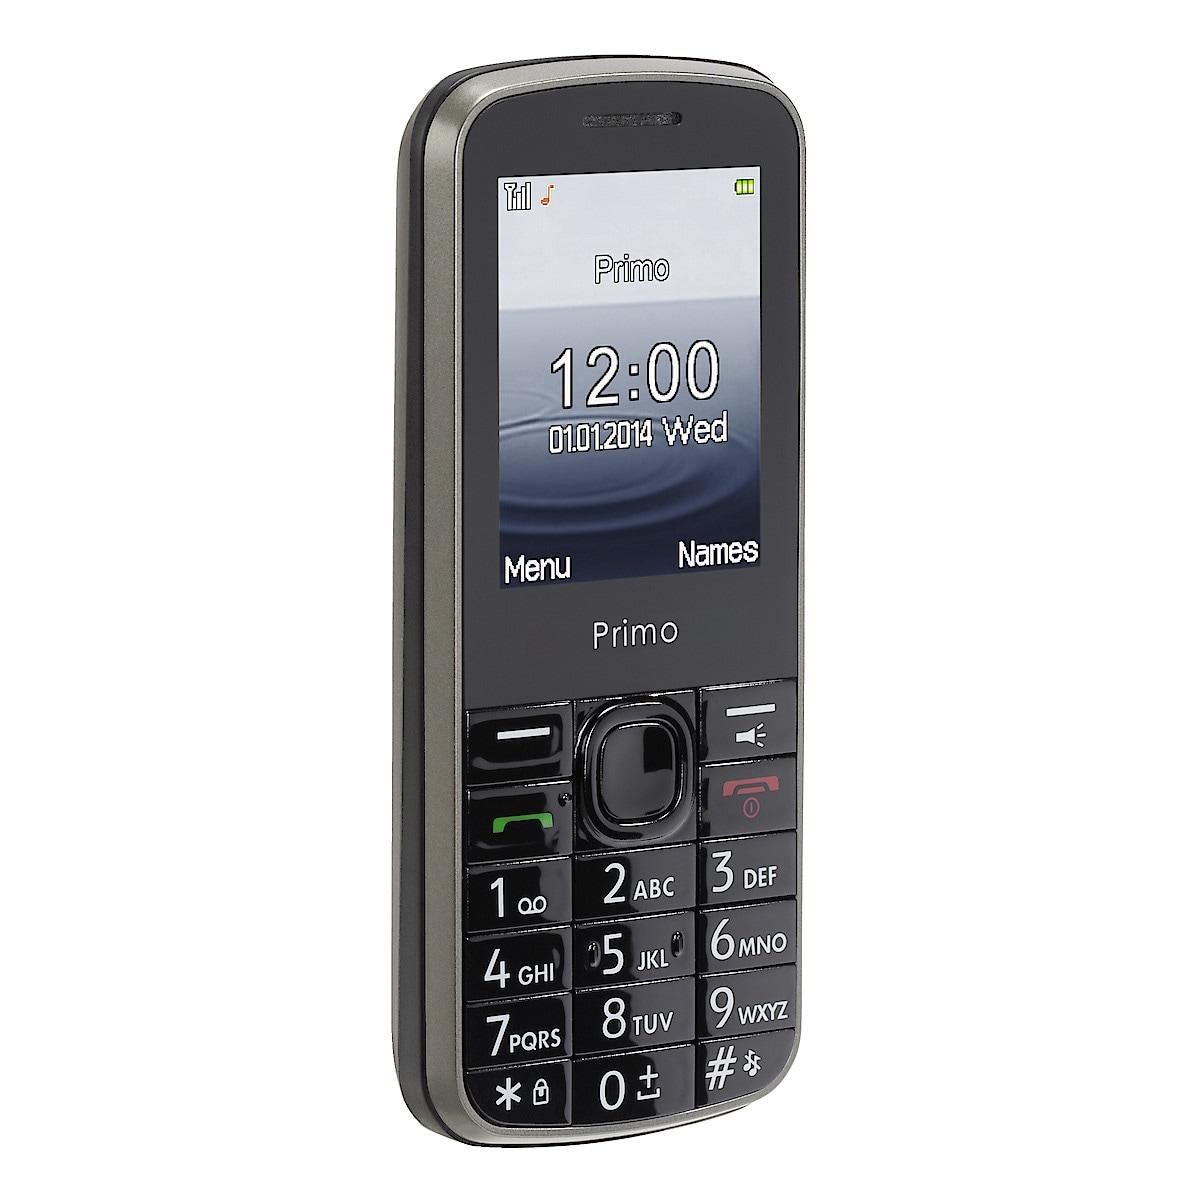 Mobiltelefon Primo 305